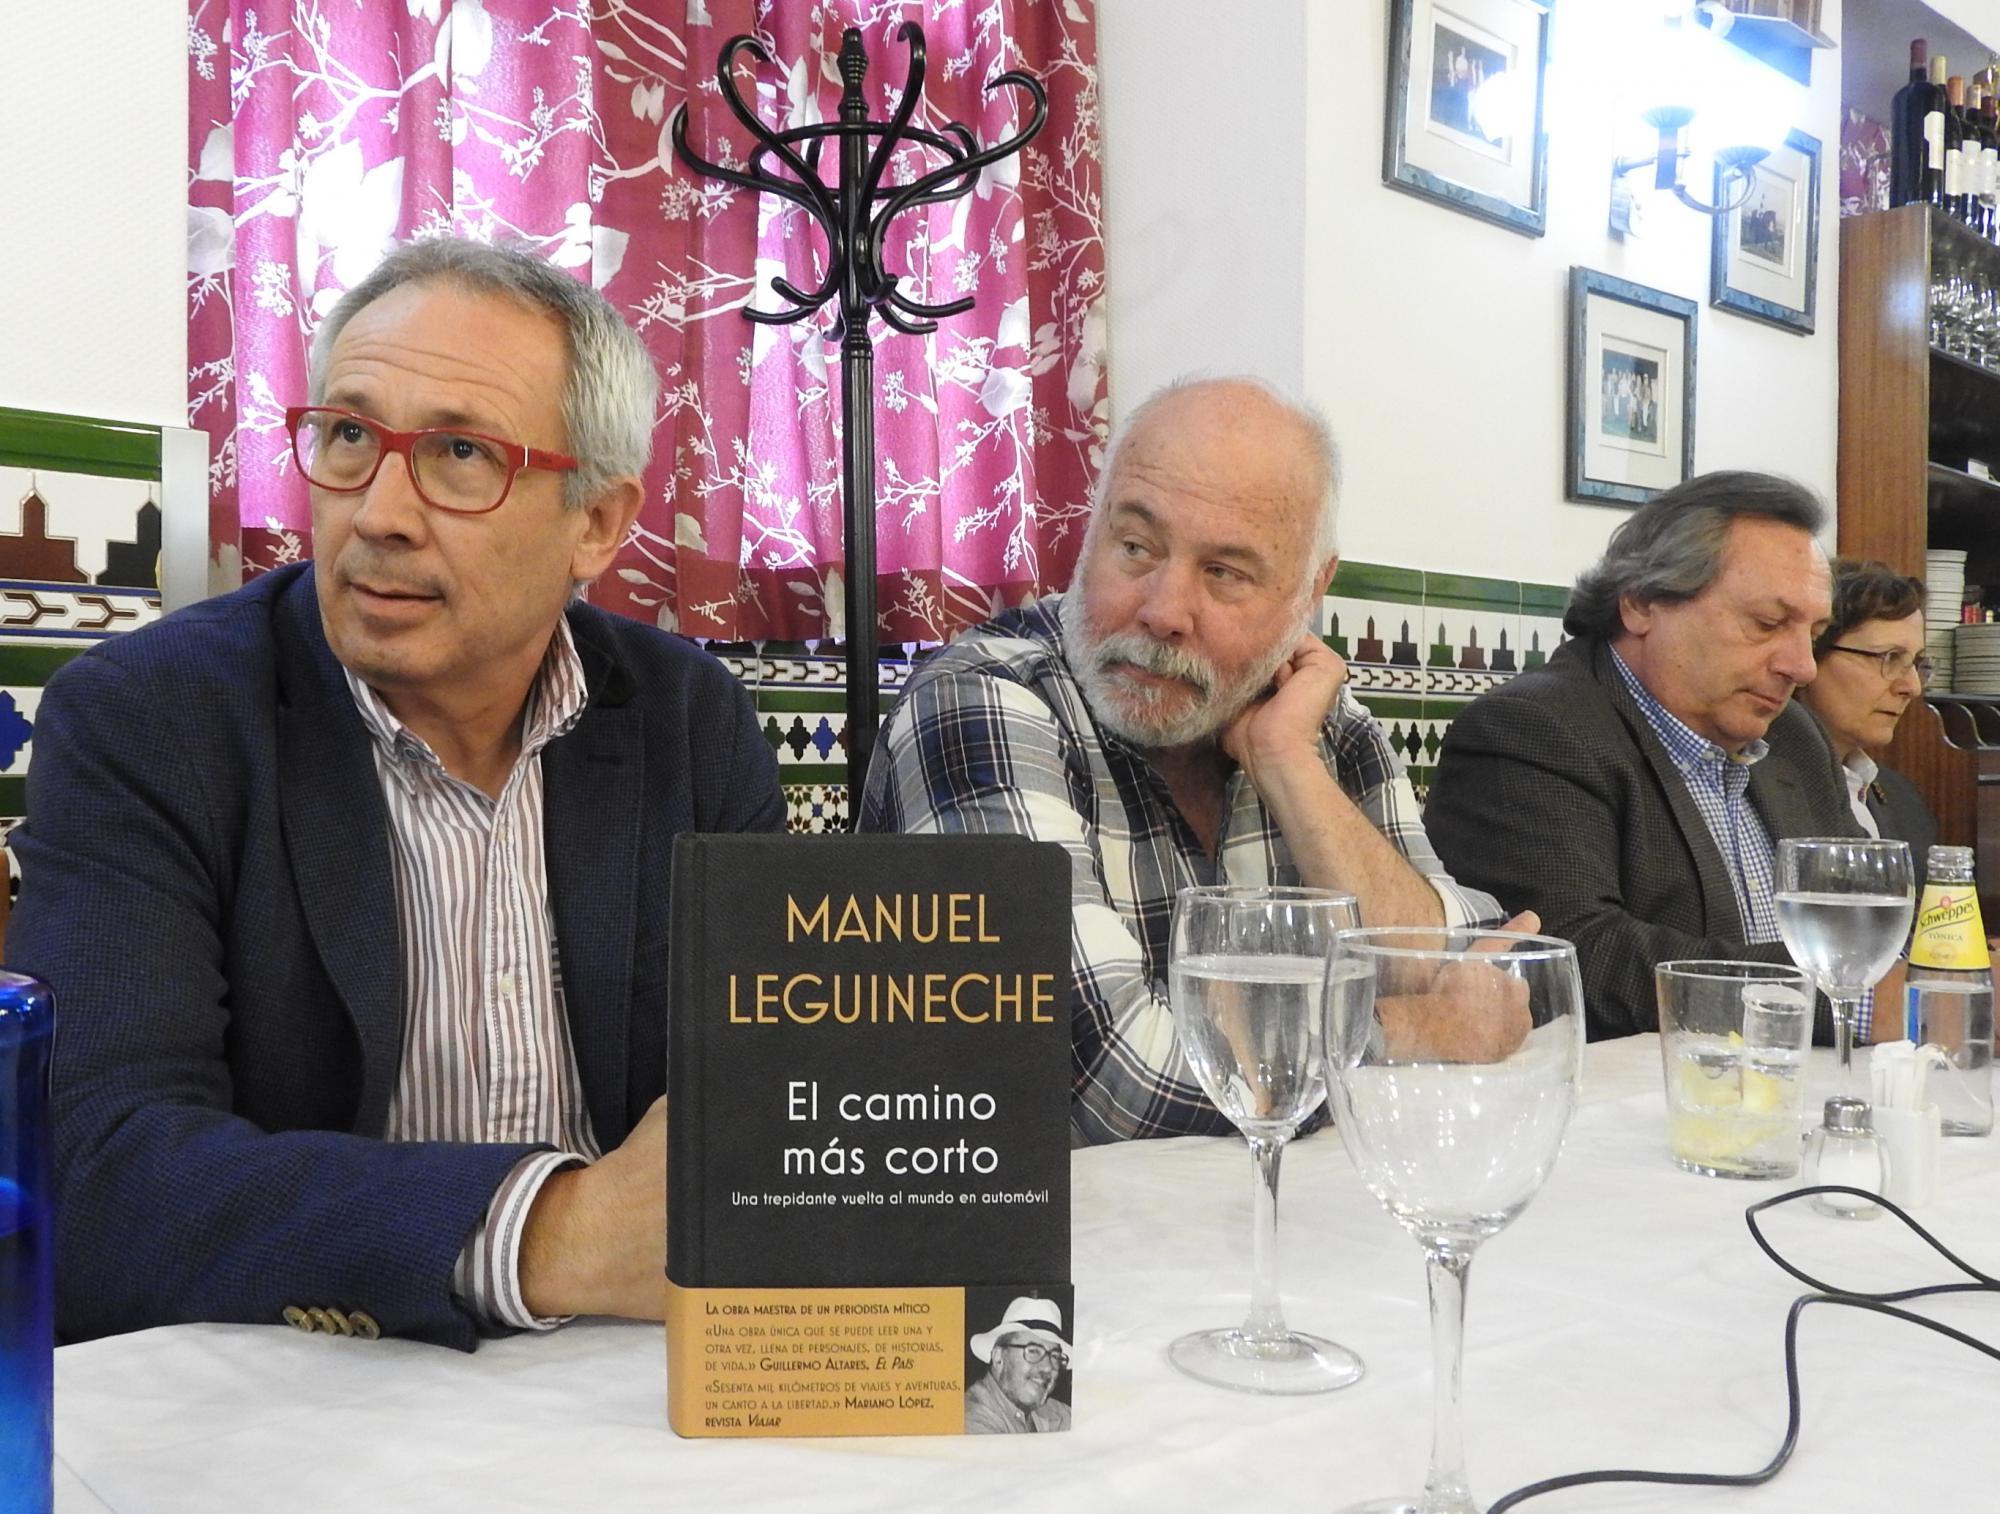 """Ediciones B presenta """"El camino más corto"""", de Manu Leguineche, el más fiel ejemplo de reporterismo"""